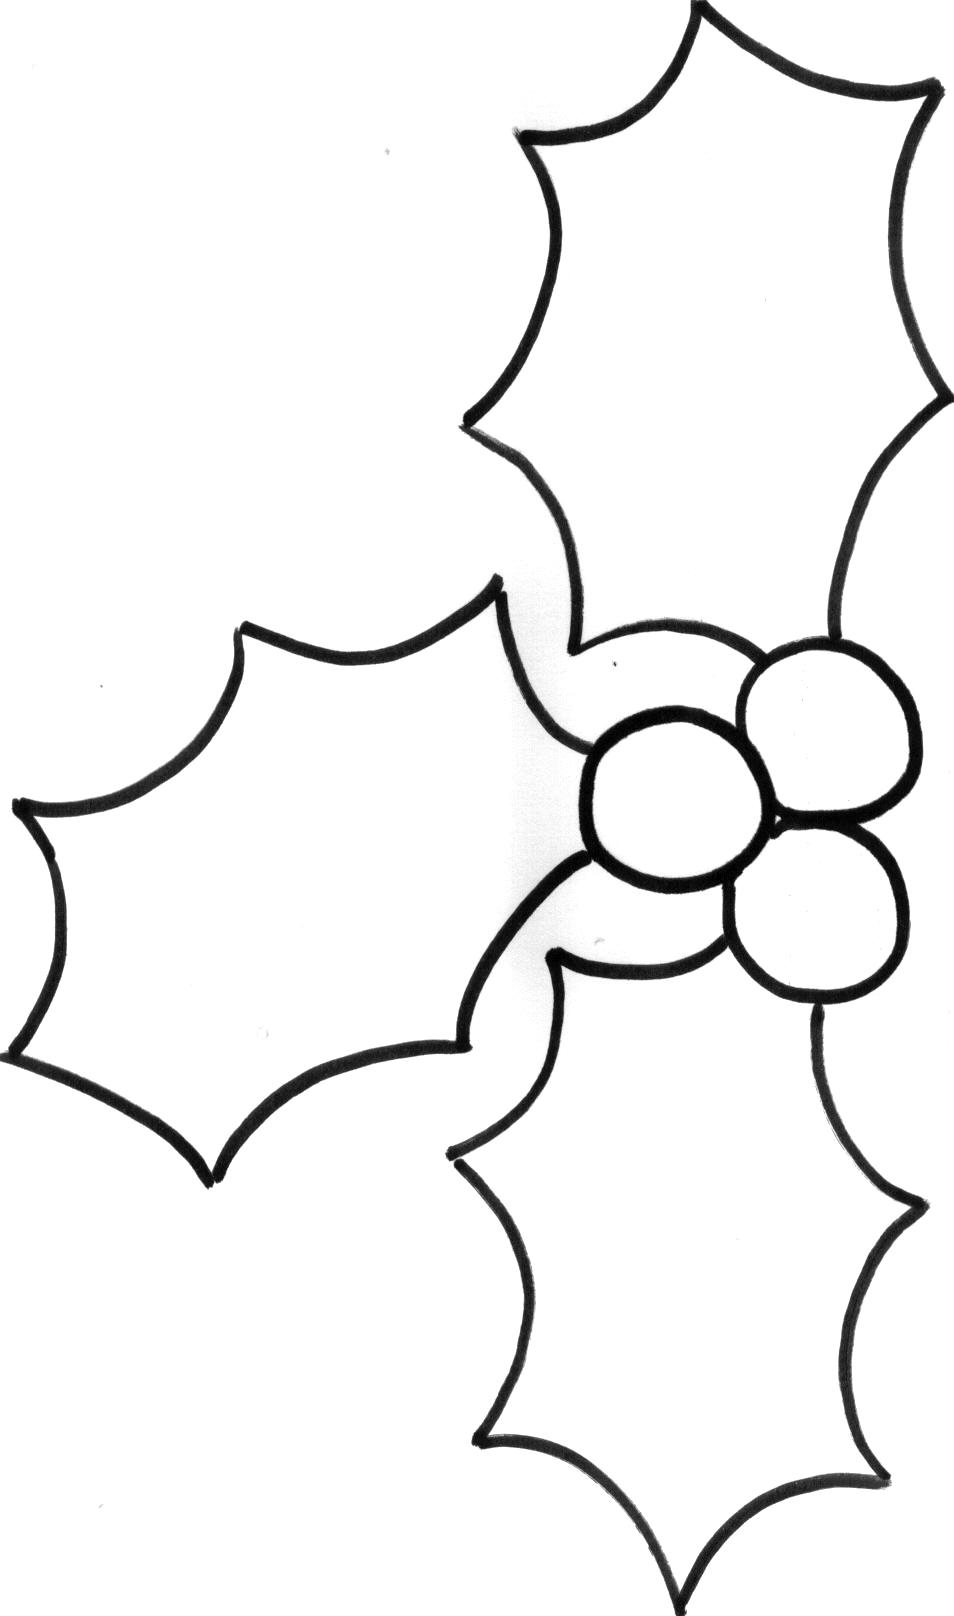 Feuilles de houx a imprimer 3 feuilles de houx - Coloriage de houx ...